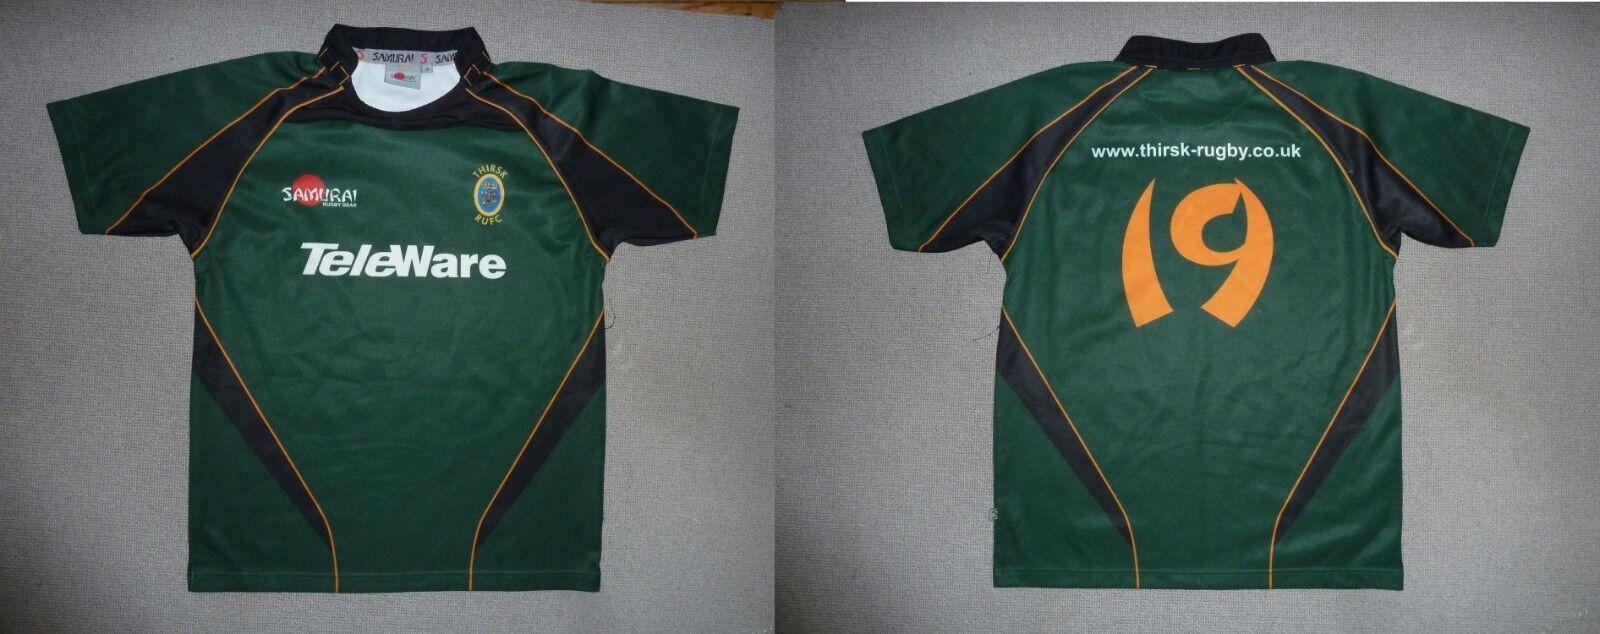 Thirsk Rugby Union Shirt Schottischer Rugby-Trikot Medium    19 Matchwornrugby b9e2ef